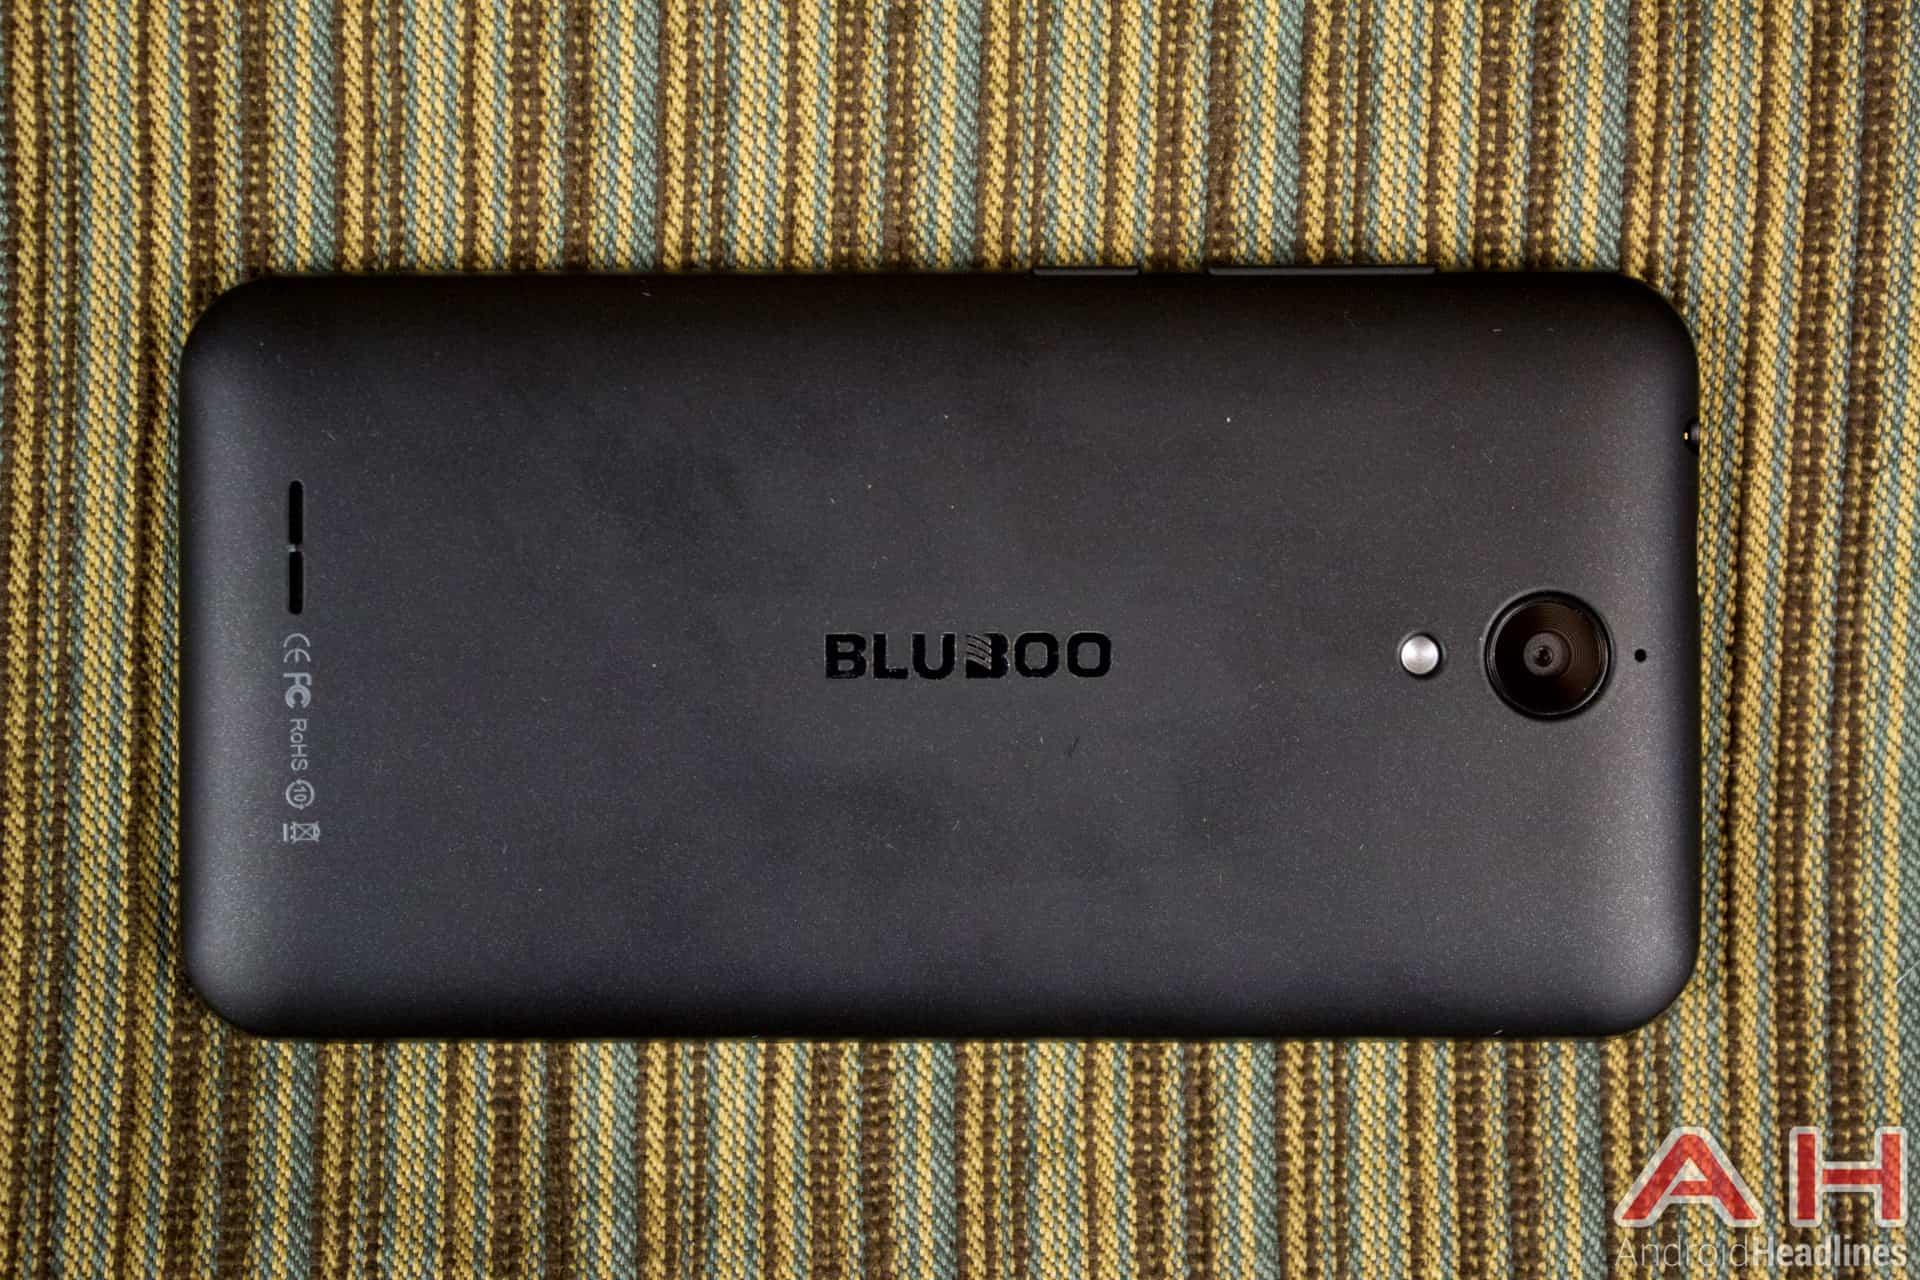 Bluboo-XFire-AH-NS-02